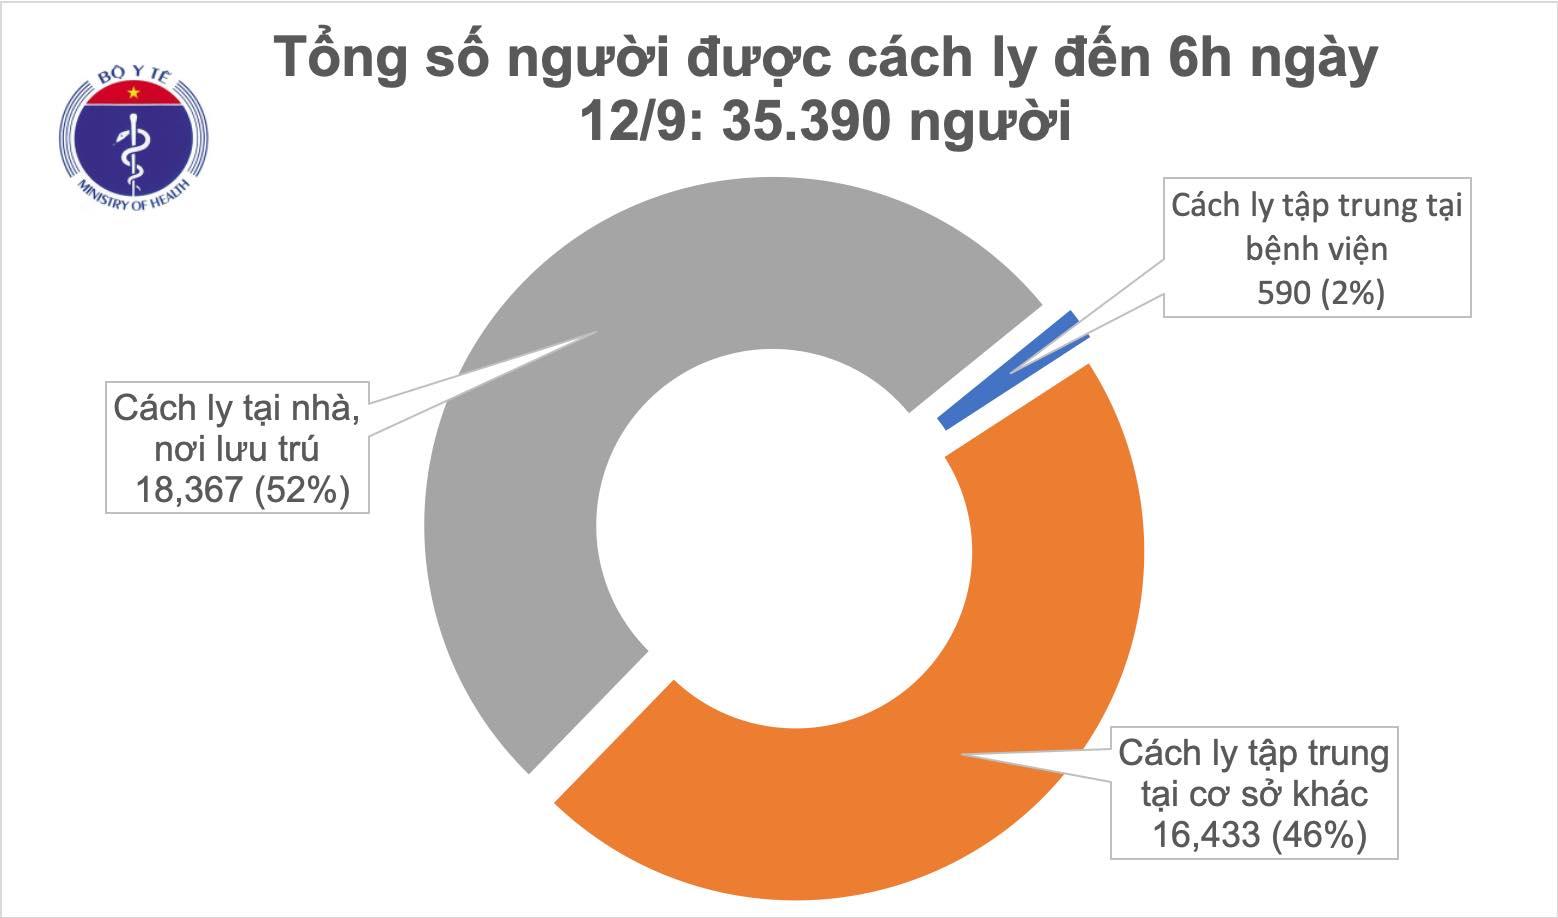 Sáng 12/9, đã 10 ngày không có ca mắc mới COVID-19 ở cộng đồng, Việt Nam chữa khỏi 902 bệnh nhân